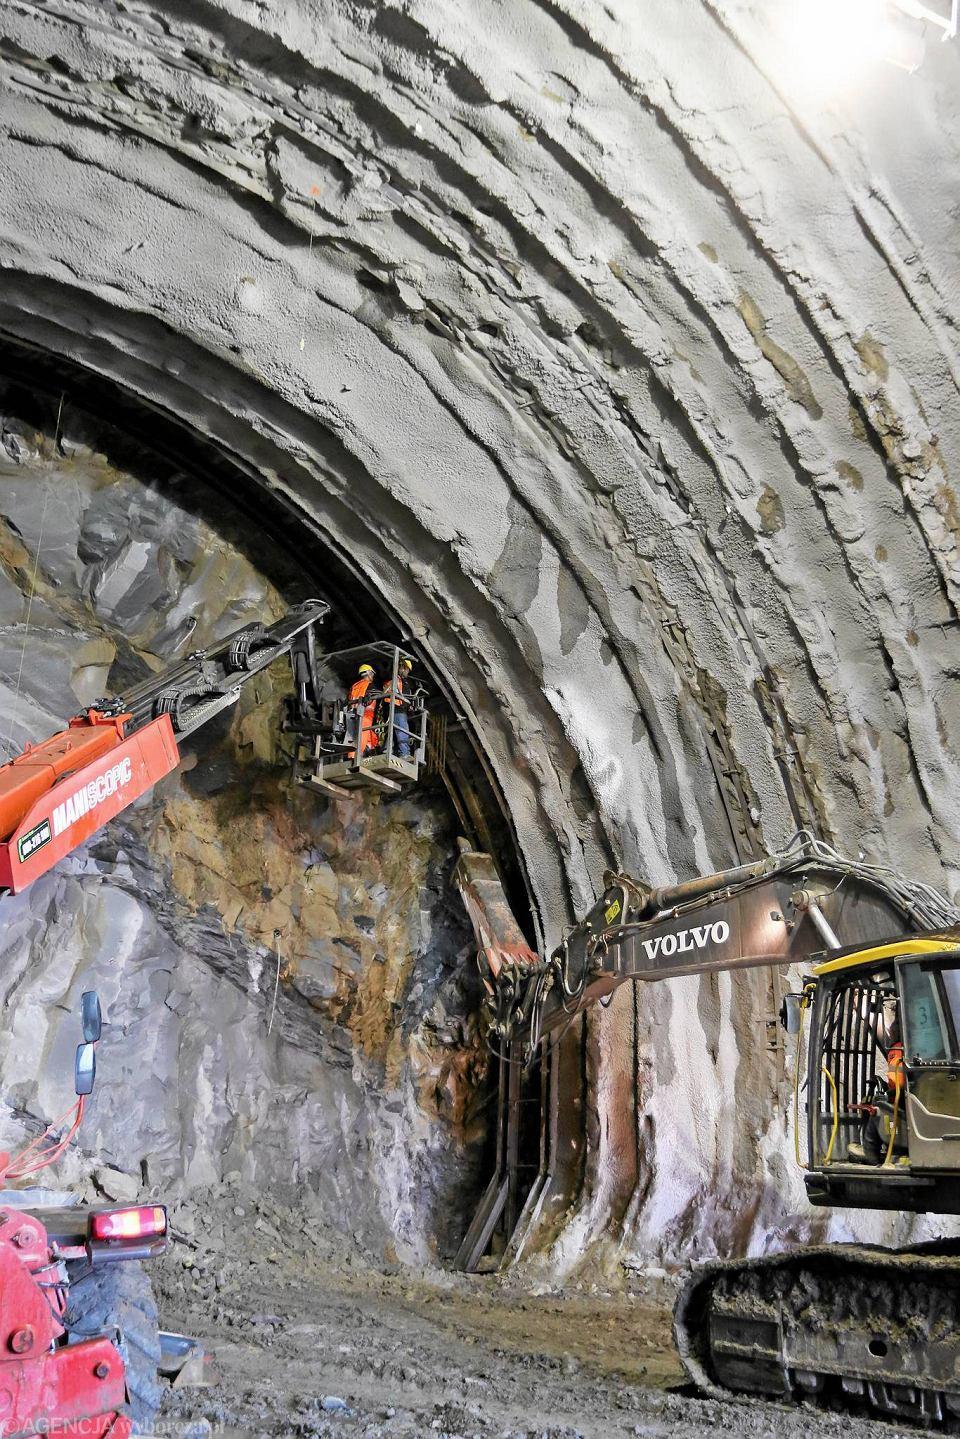 Zdjęcie numer 2 w galerii - Włosi drążą na nowej zakopiance. Tunel ma już sto metrów [ZDJĘCIA i WIDEO]